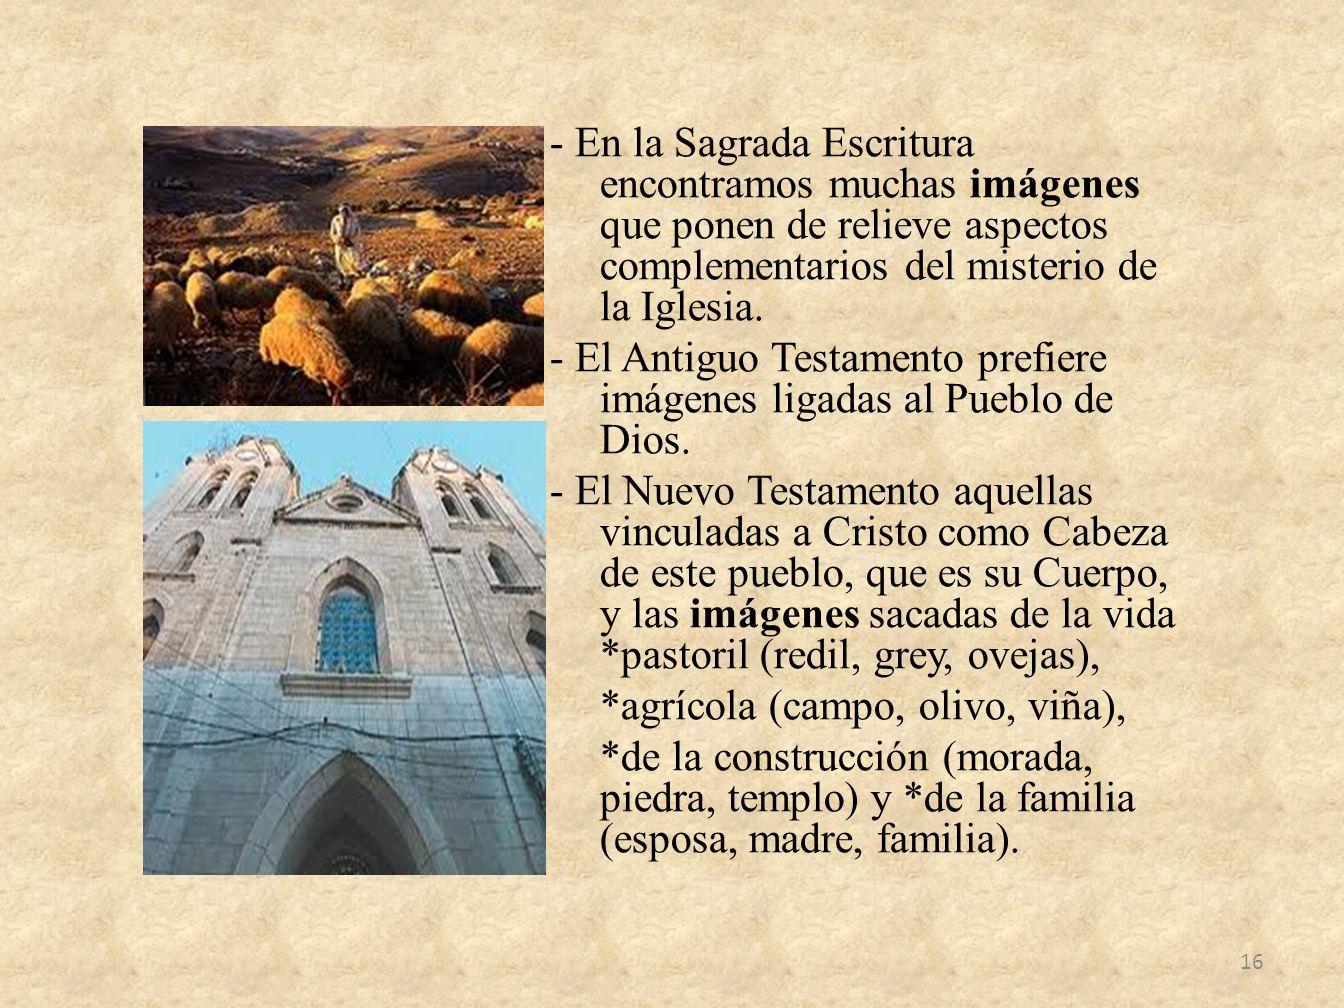 - En la Sagrada Escritura encontramos muchas imágenes que ponen de relieve aspectos complementarios del misterio de la Iglesia.